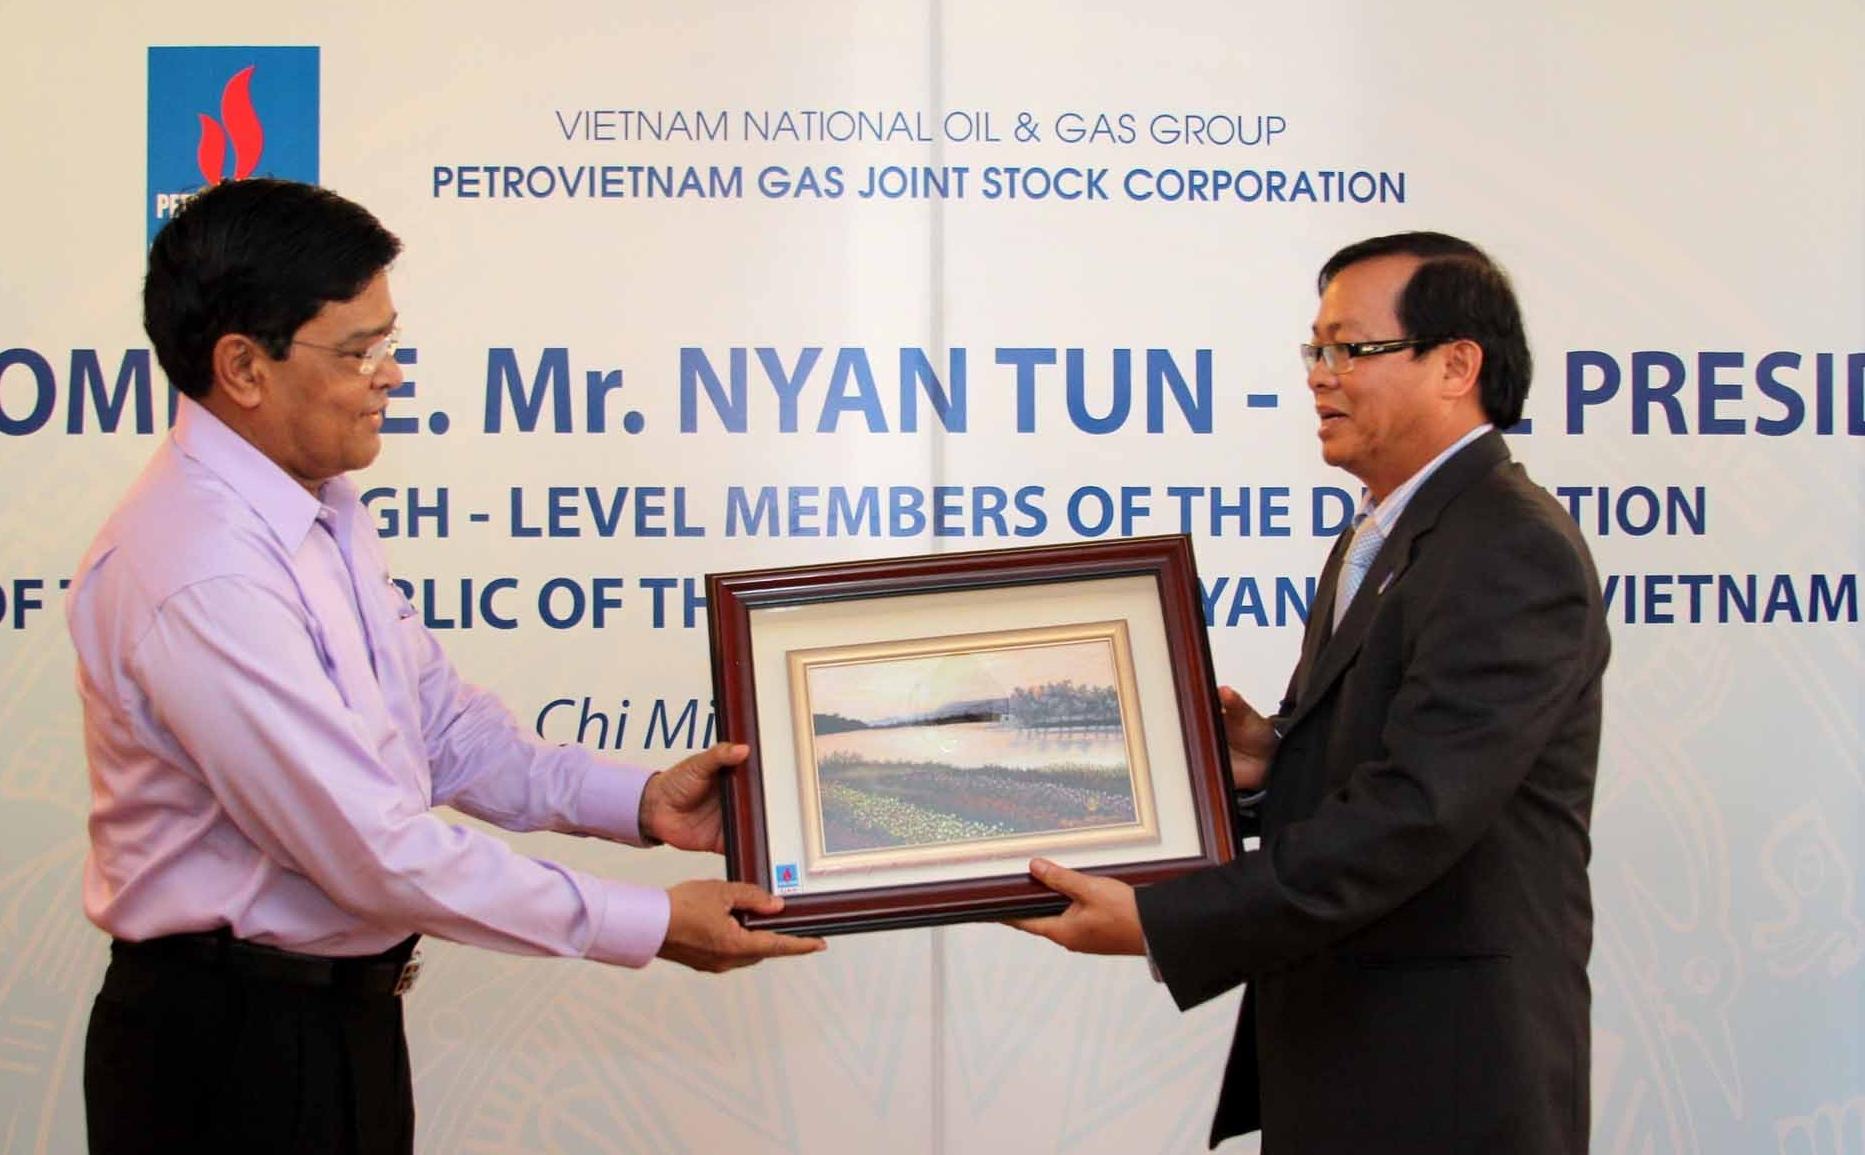 pho tong thong myanmar den tham pv gas